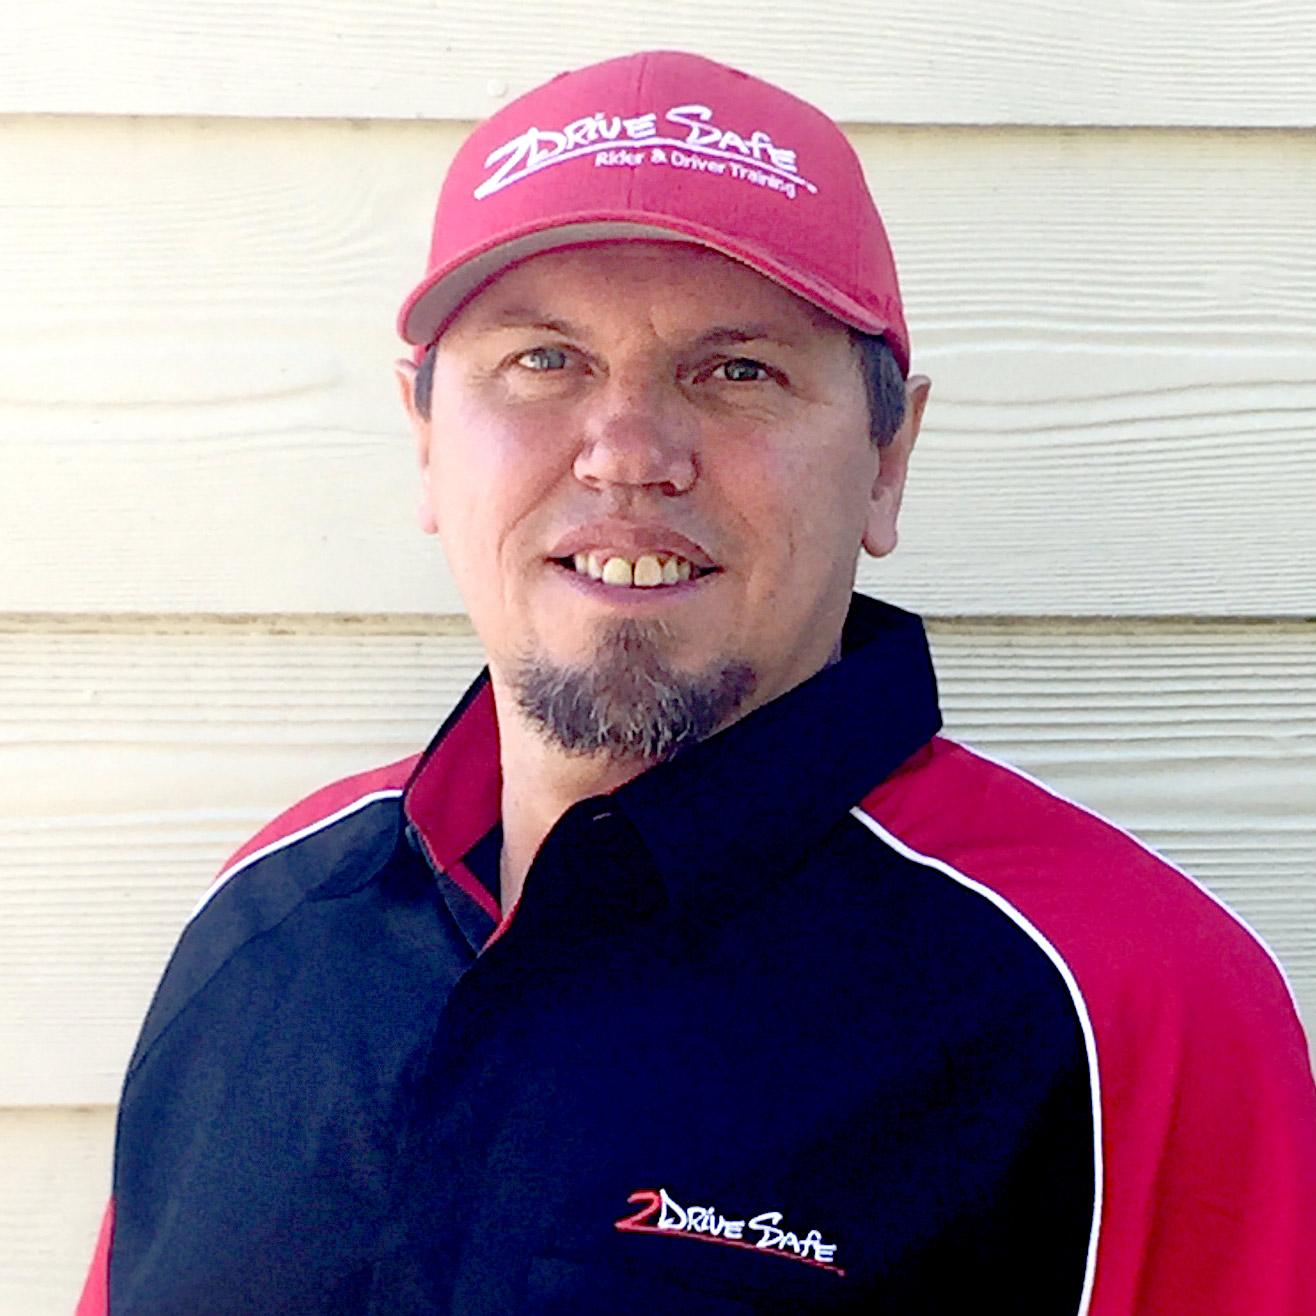 Duncan Seed - 2 Drive Safe Owner